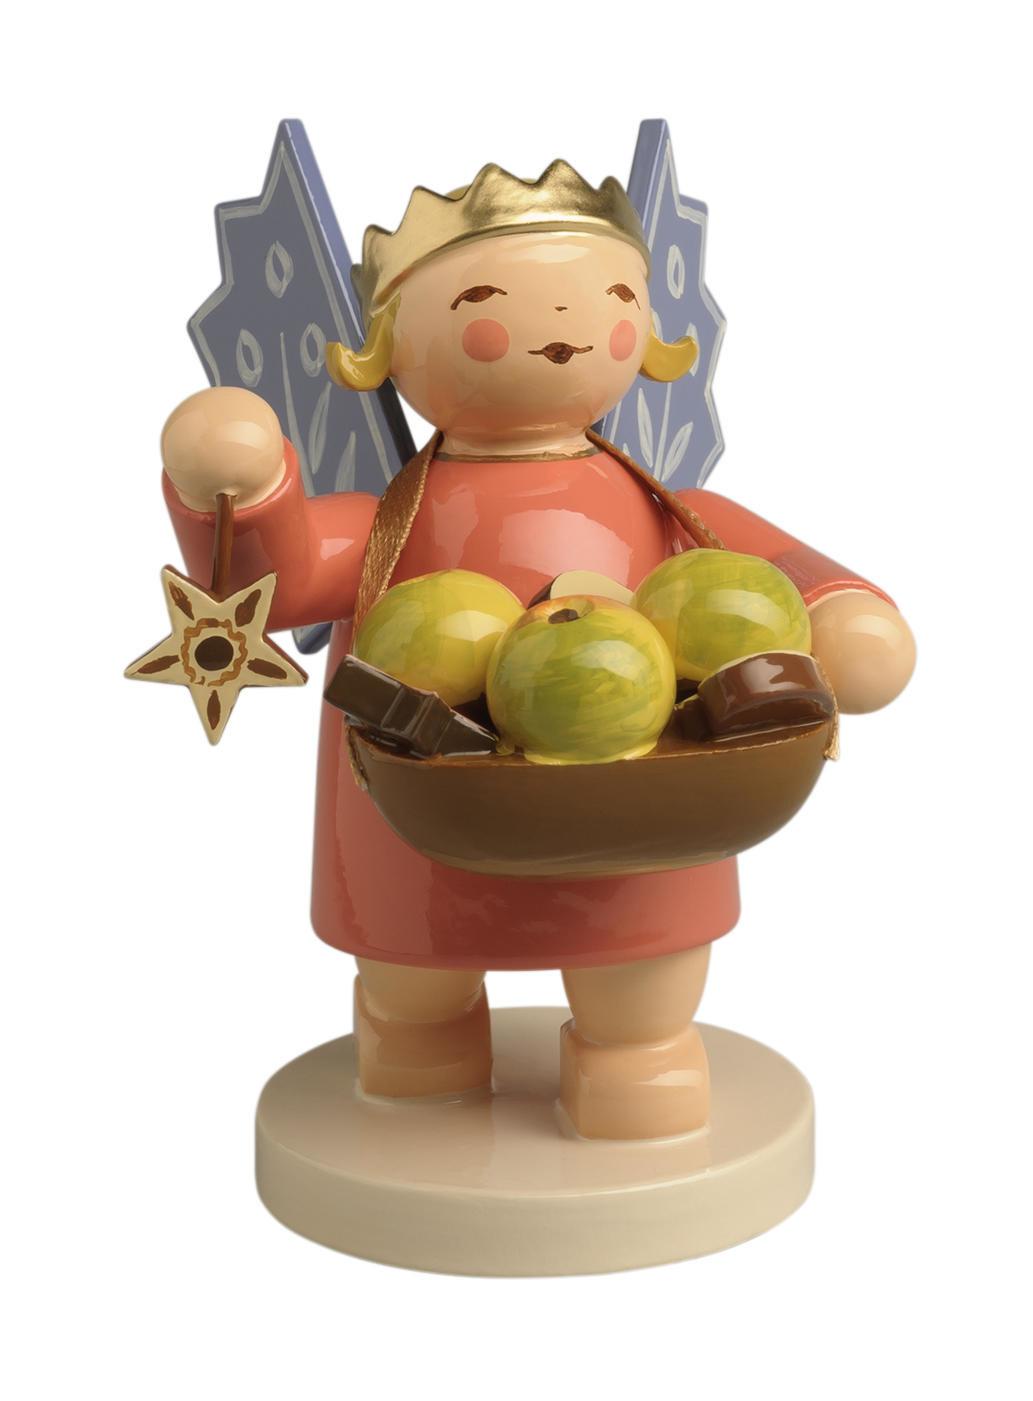 Kroonengel - appeltjes en ster